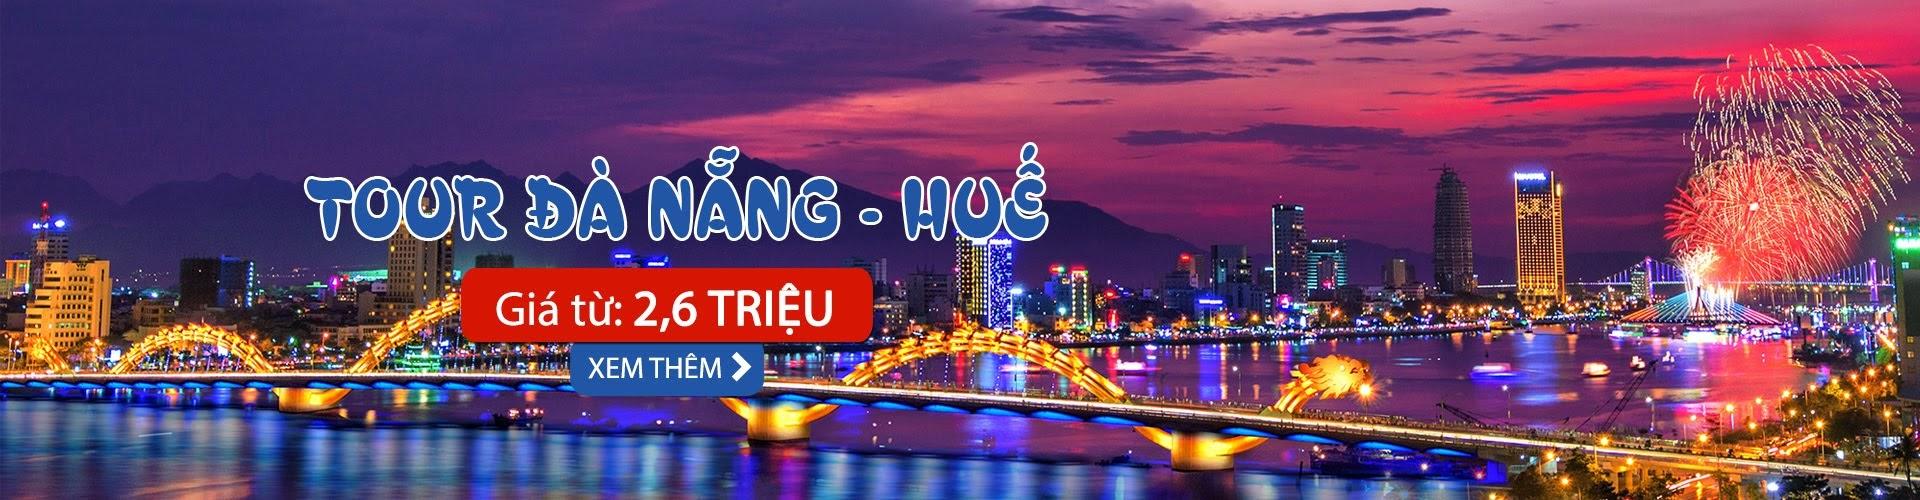 tour du lịch biển Đà Nẵng - Huế mùa hè 2018